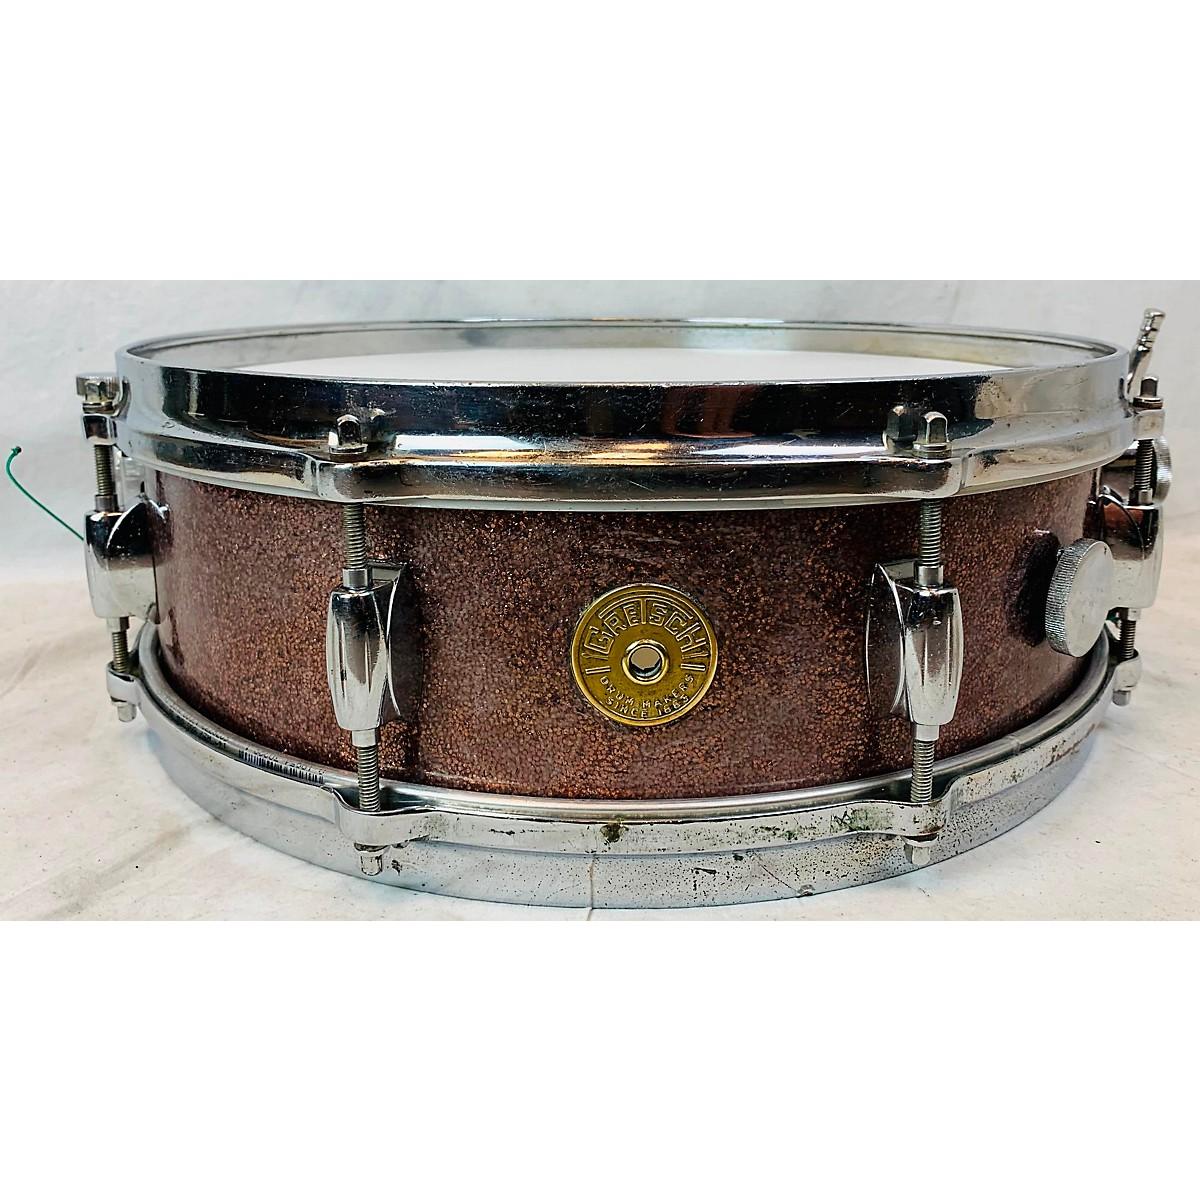 In Store Vintage Vintage 1960s GRETSCH 5X14 MAX ROACH Drum PINK SPARKLE